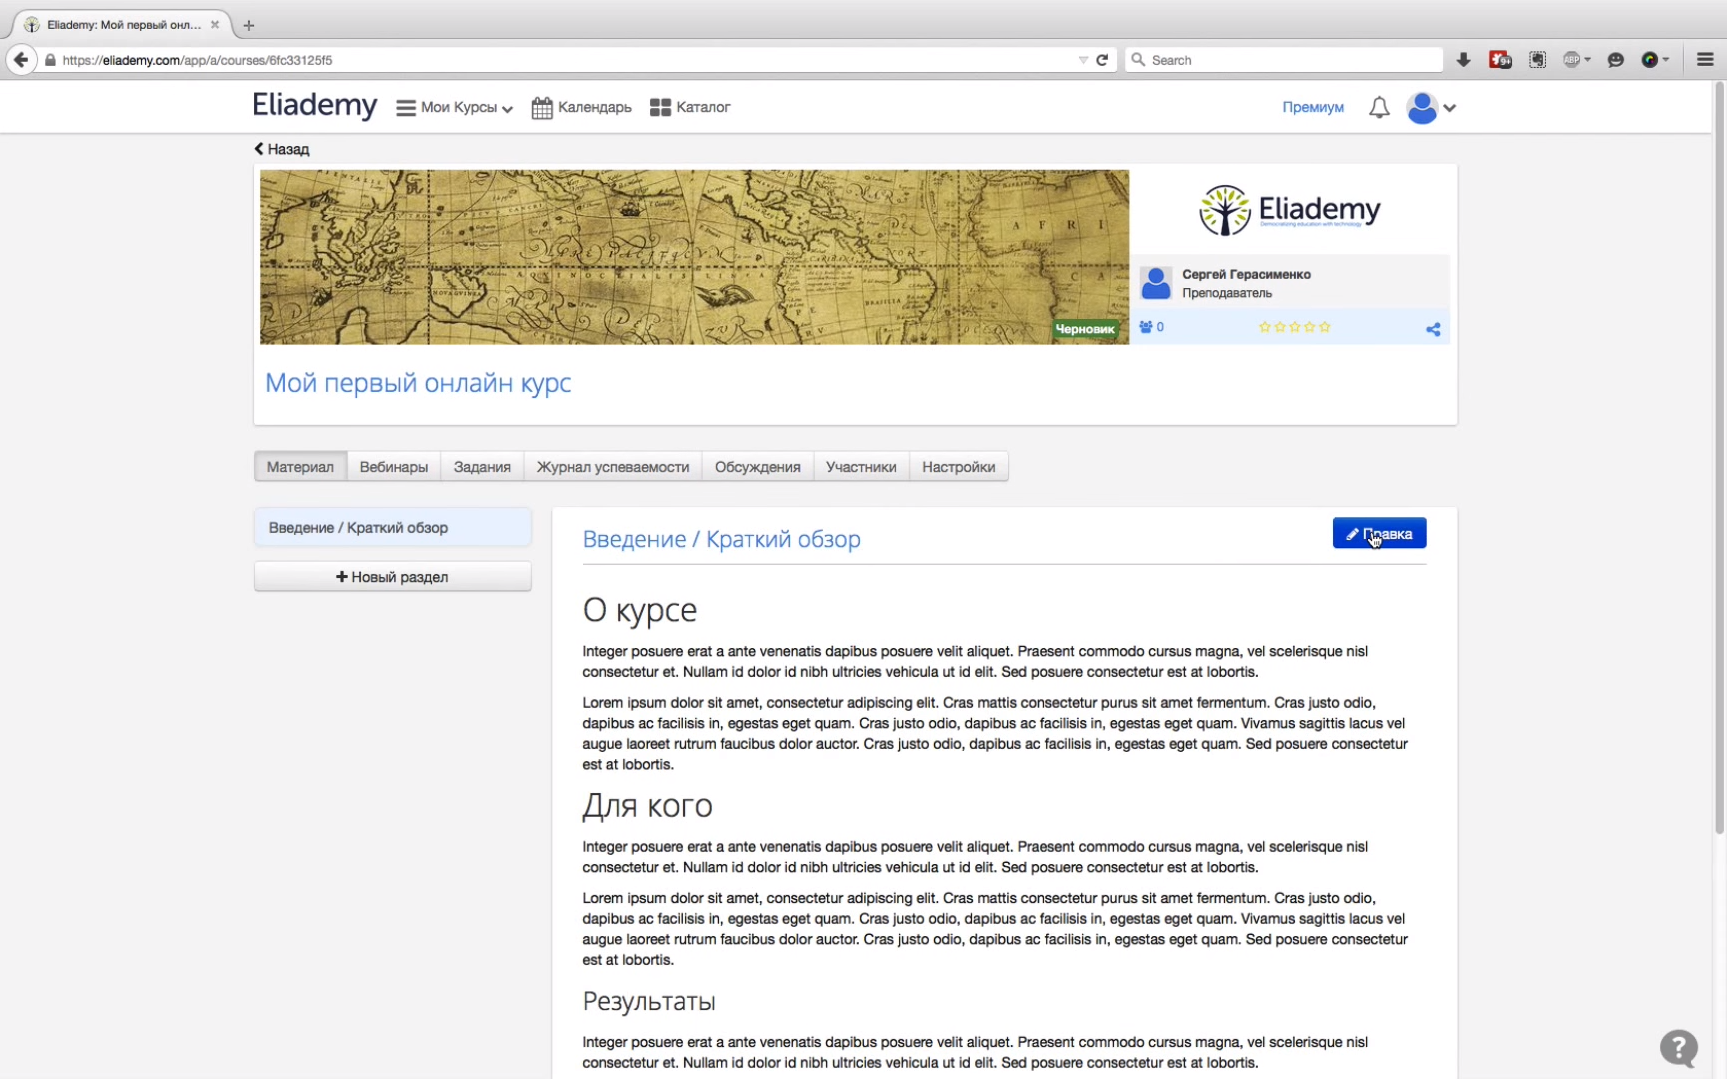 Просмотр материалов образовательного курса в программном продукте Eliademy